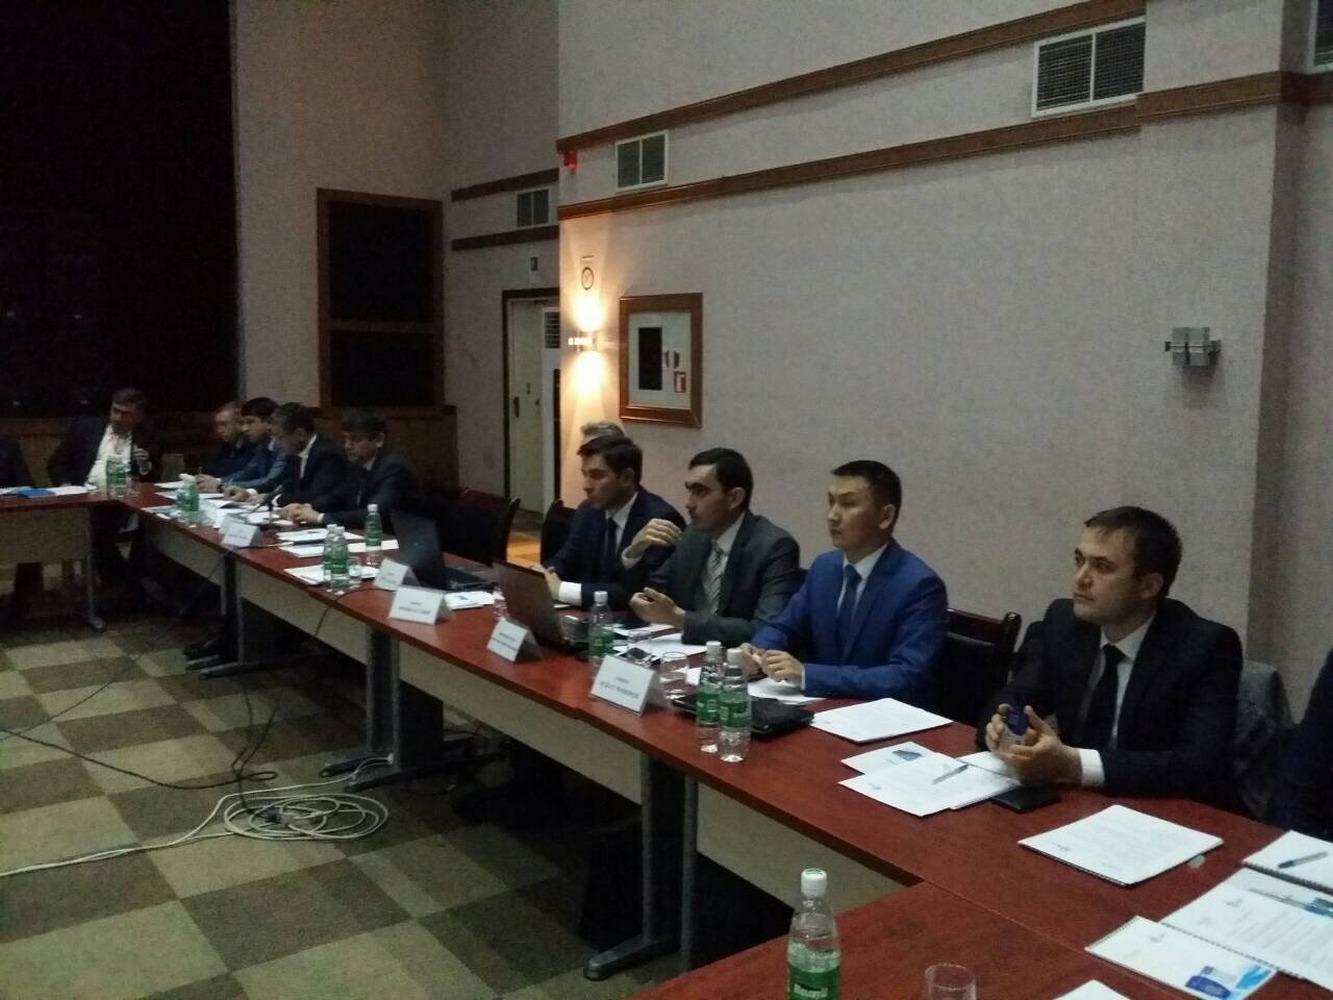 совет директоров исламского банка в таджикистане